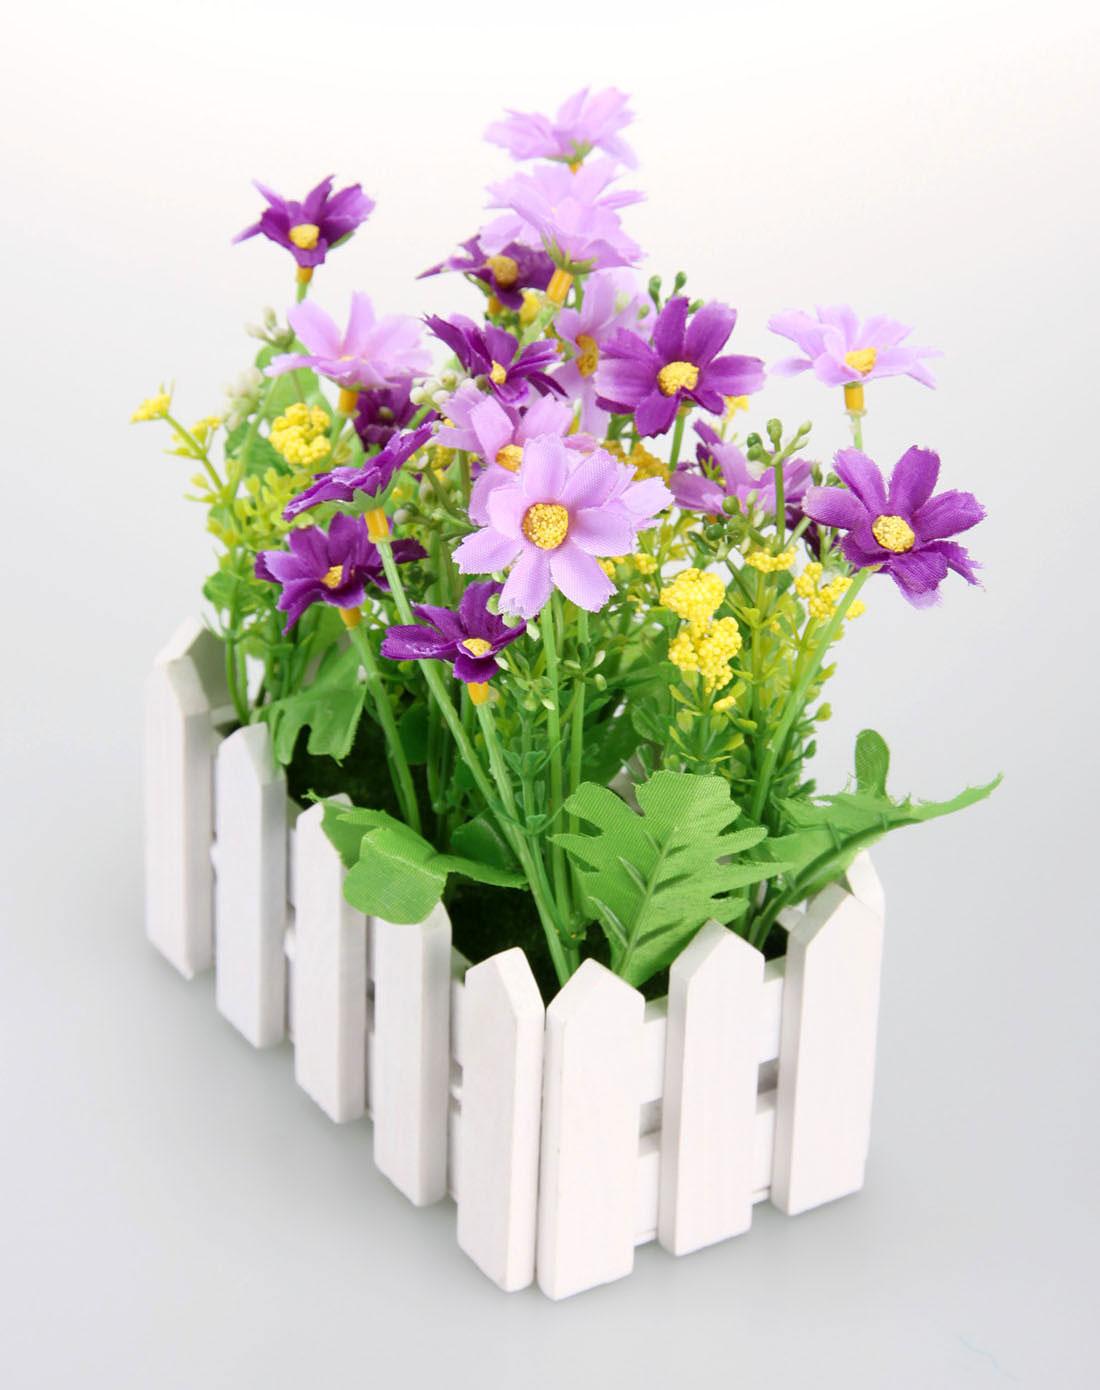 欧式紫色长款栅栏仿真装饰花花浪漫小屋